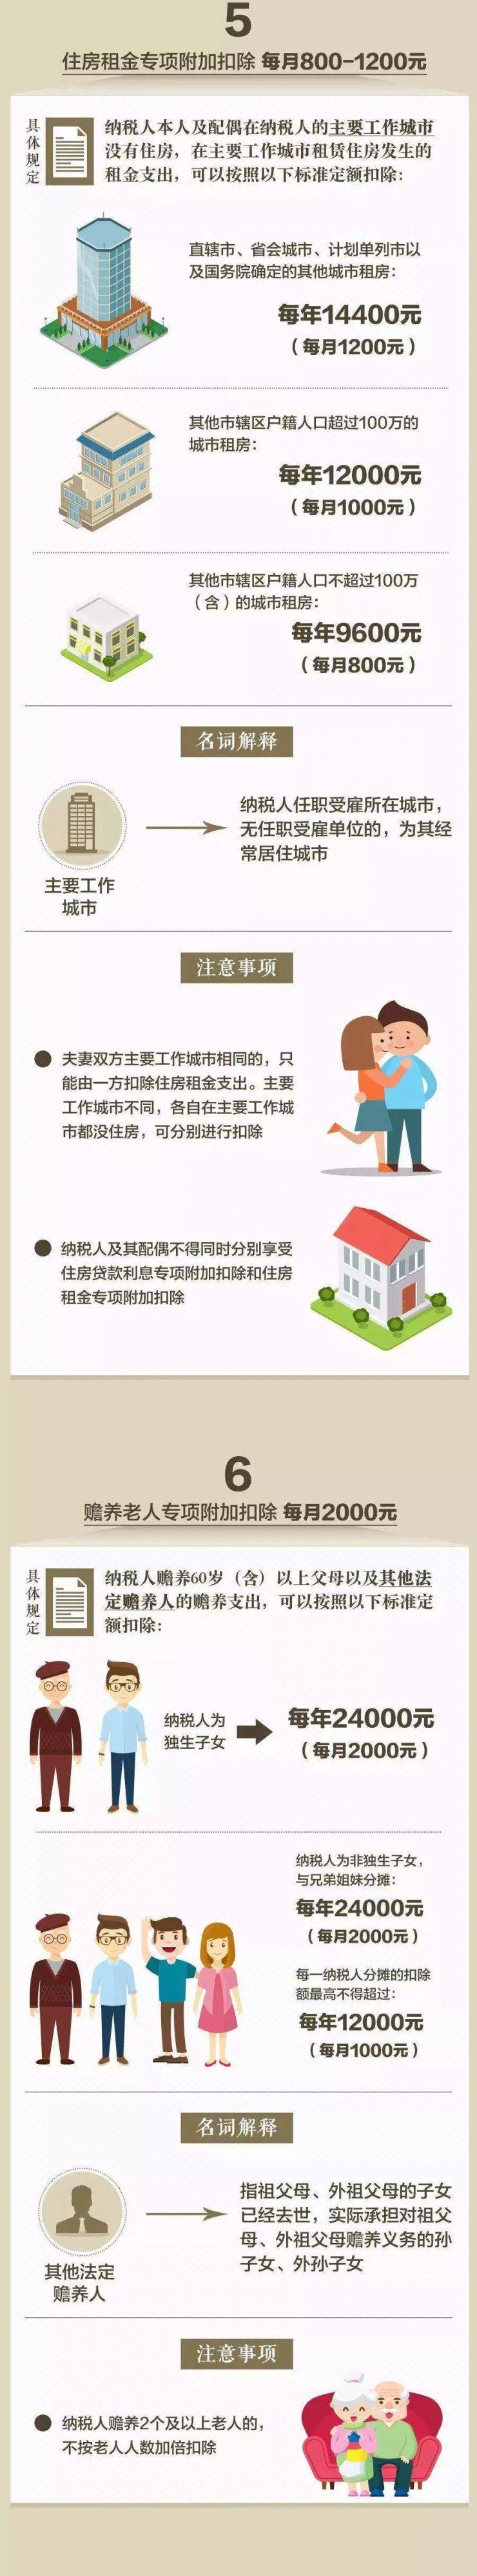 """普大喜奔!首套房贷利息扣除1000元/月,3分钟读懂""""个税新法"""""""